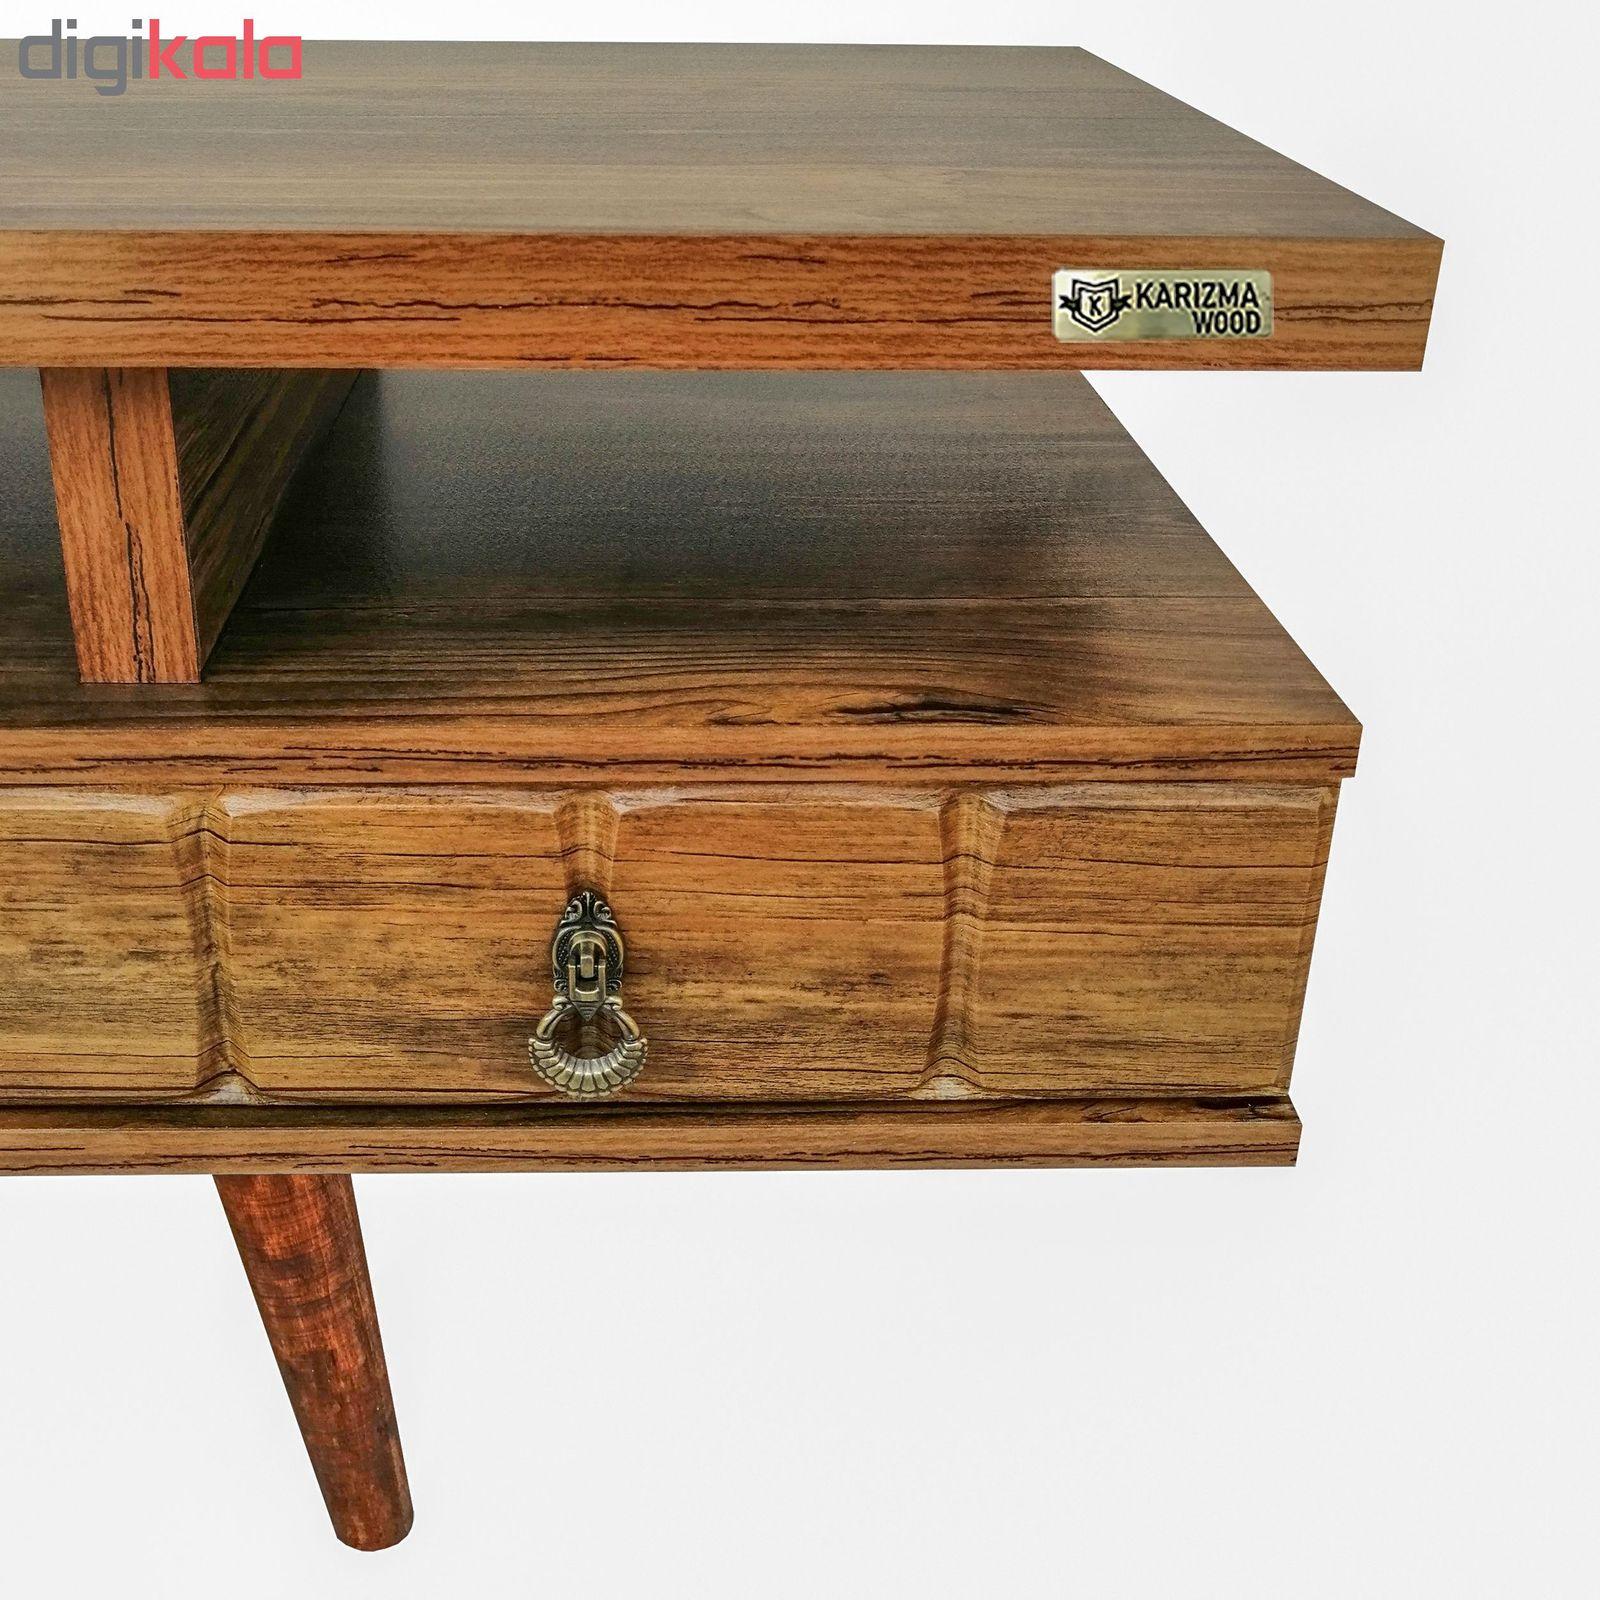 میز تلویزیون کاریزما وود مدل A.KM208 main 1 4